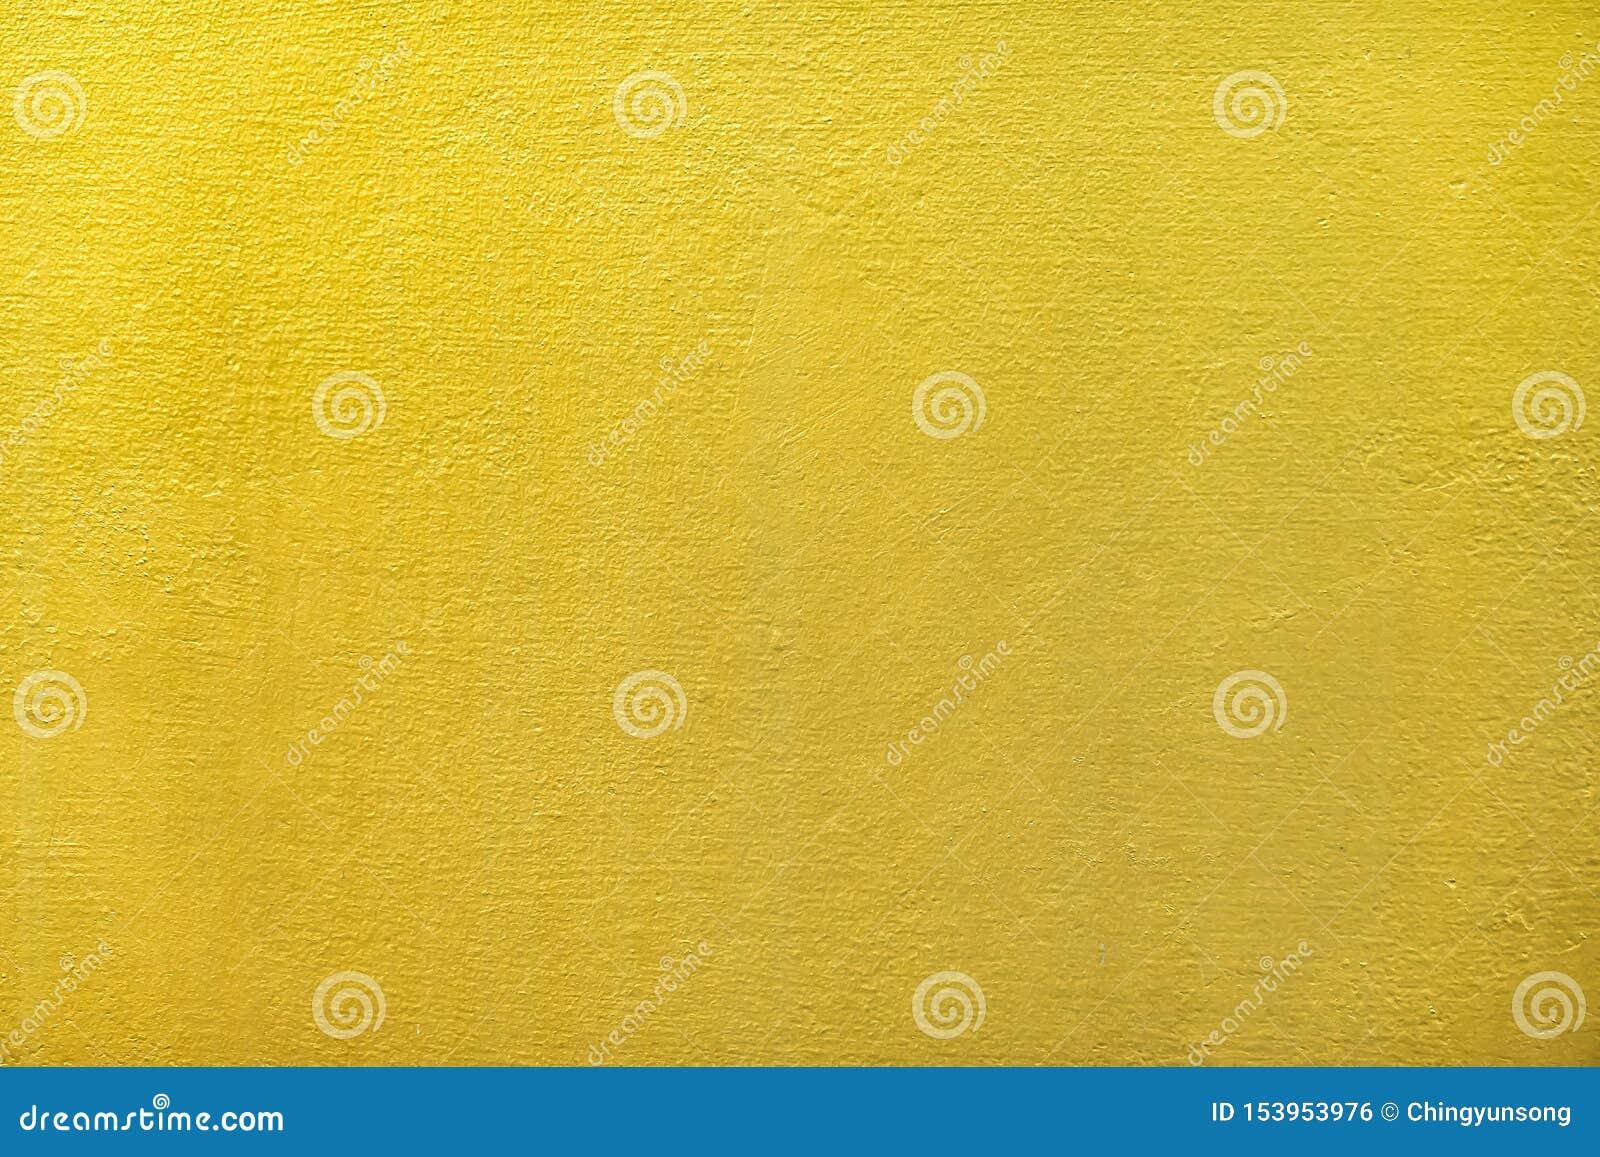 Χρώμα τοίχων χρυσού ή φύλλων αλουμινίου για το αφηρημένες υπόβαθρο και τη σύσταση